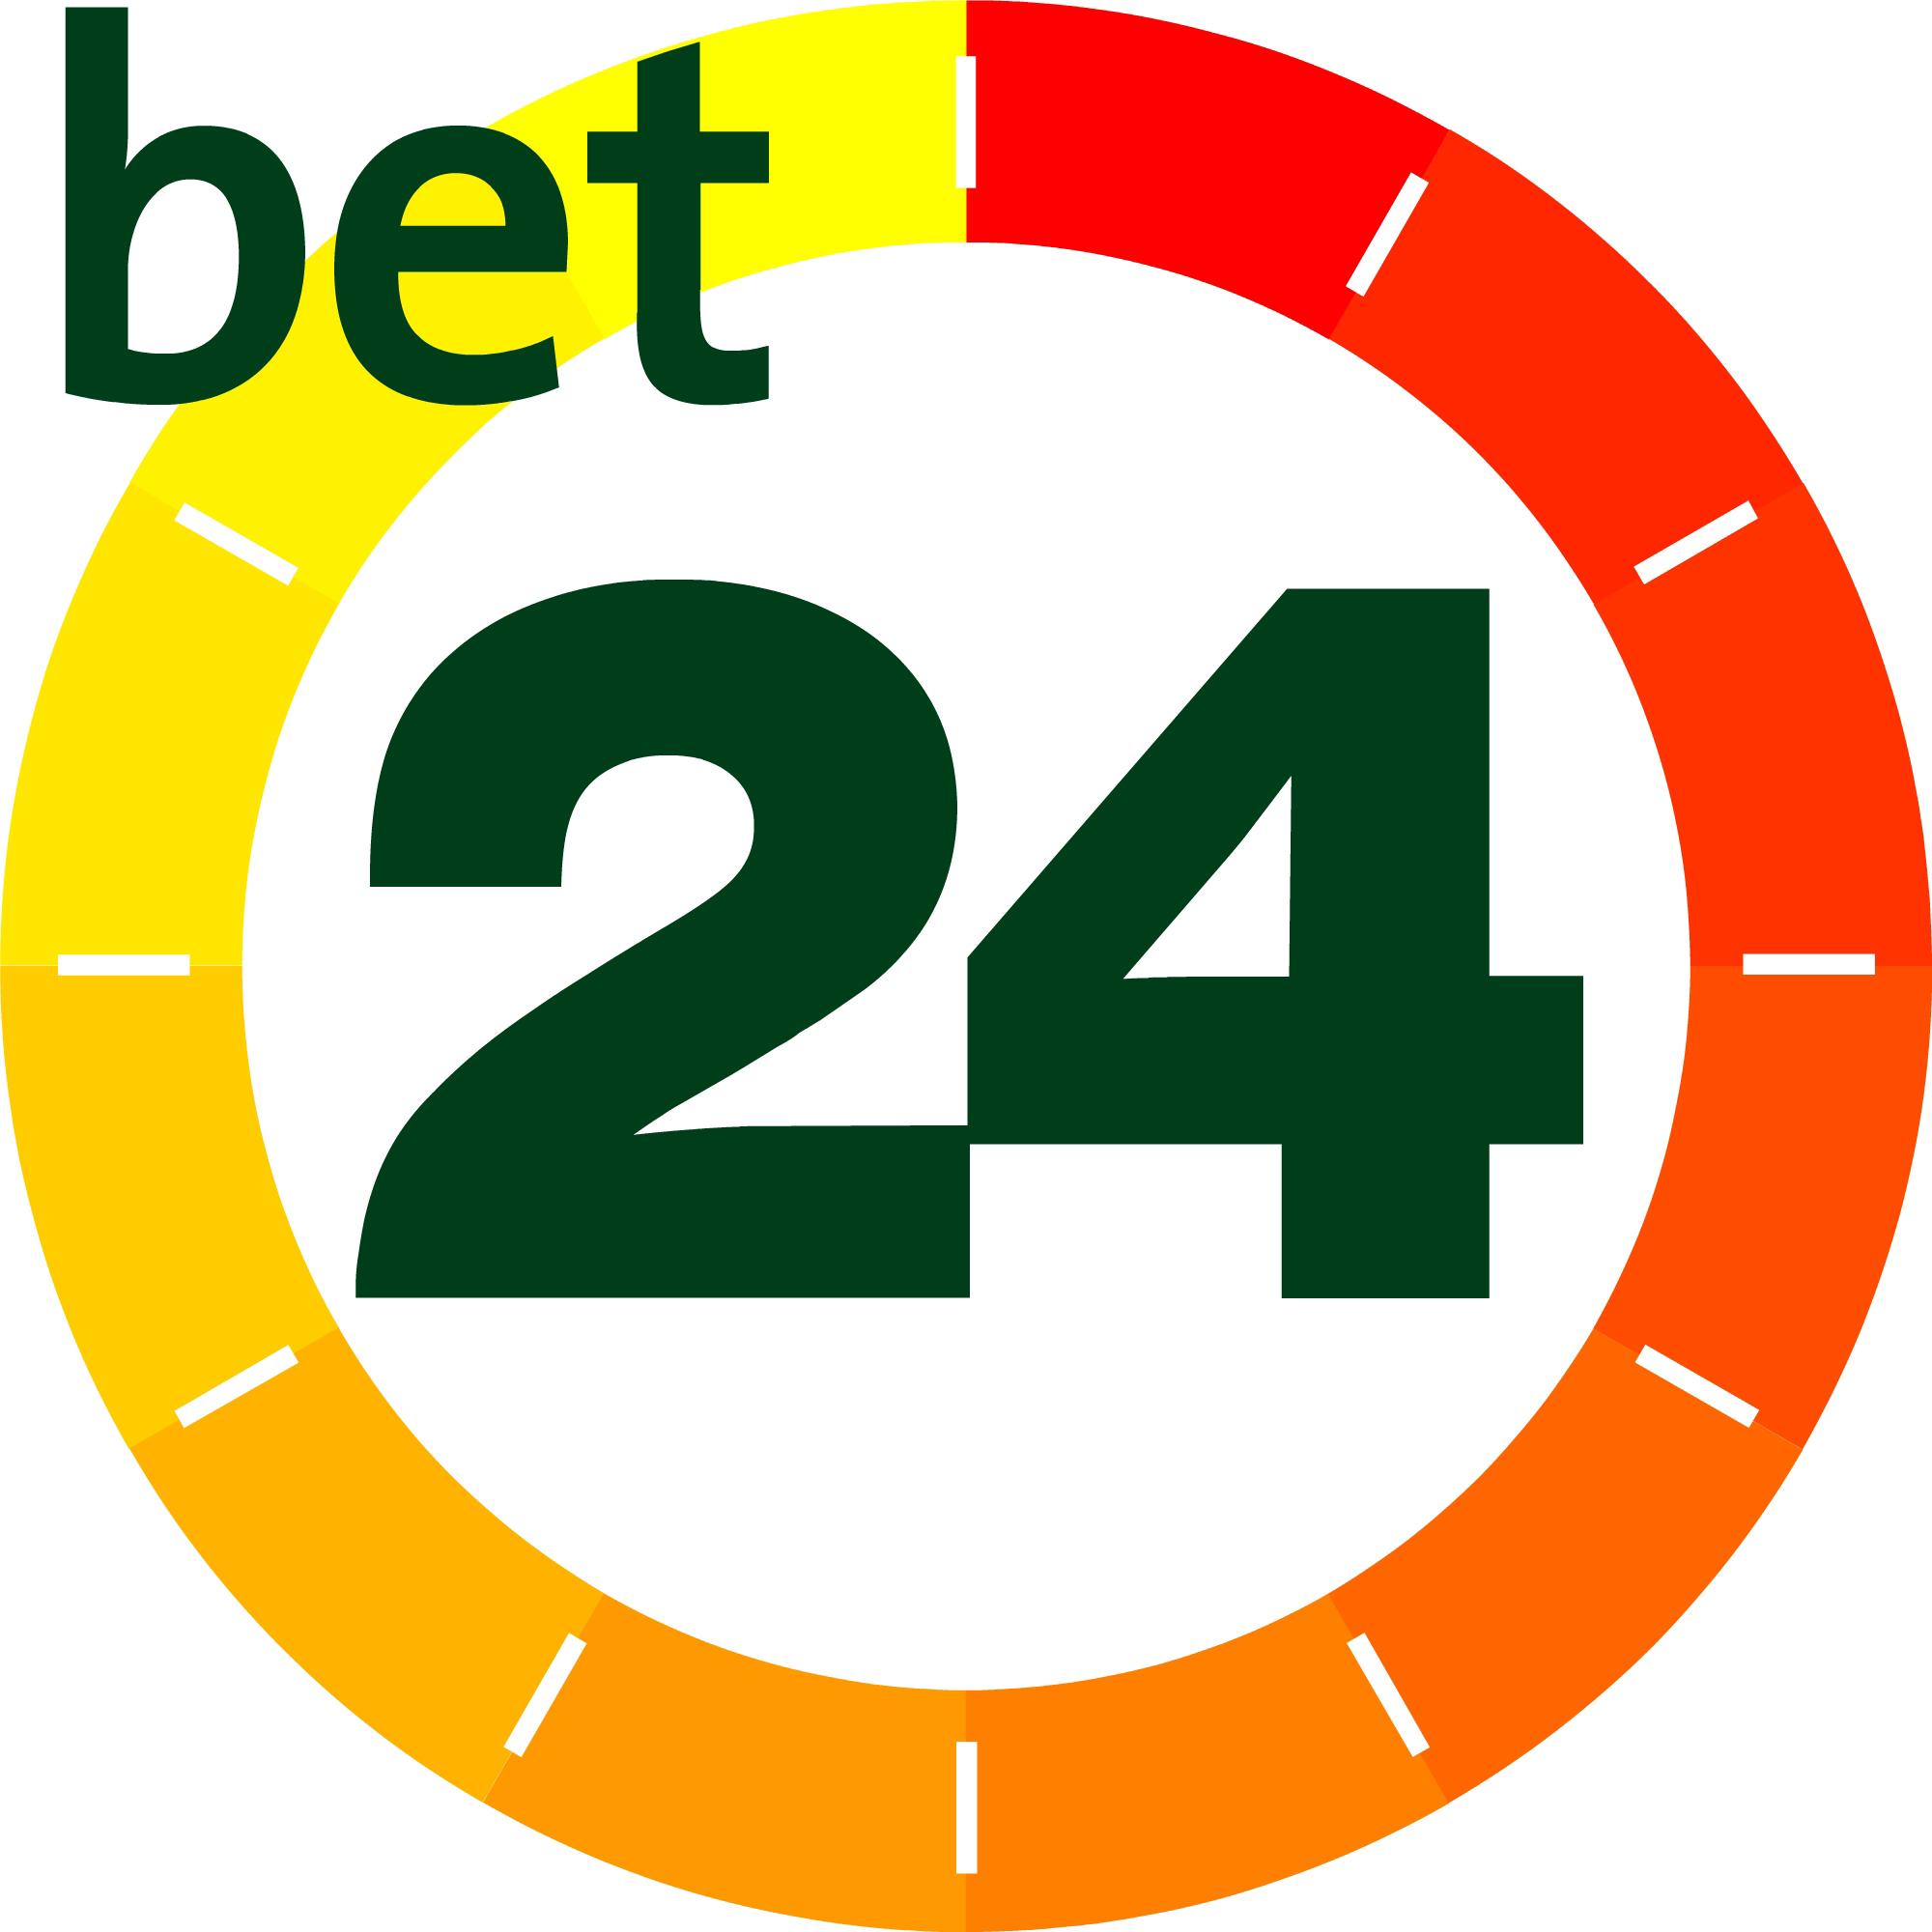 Bet 24